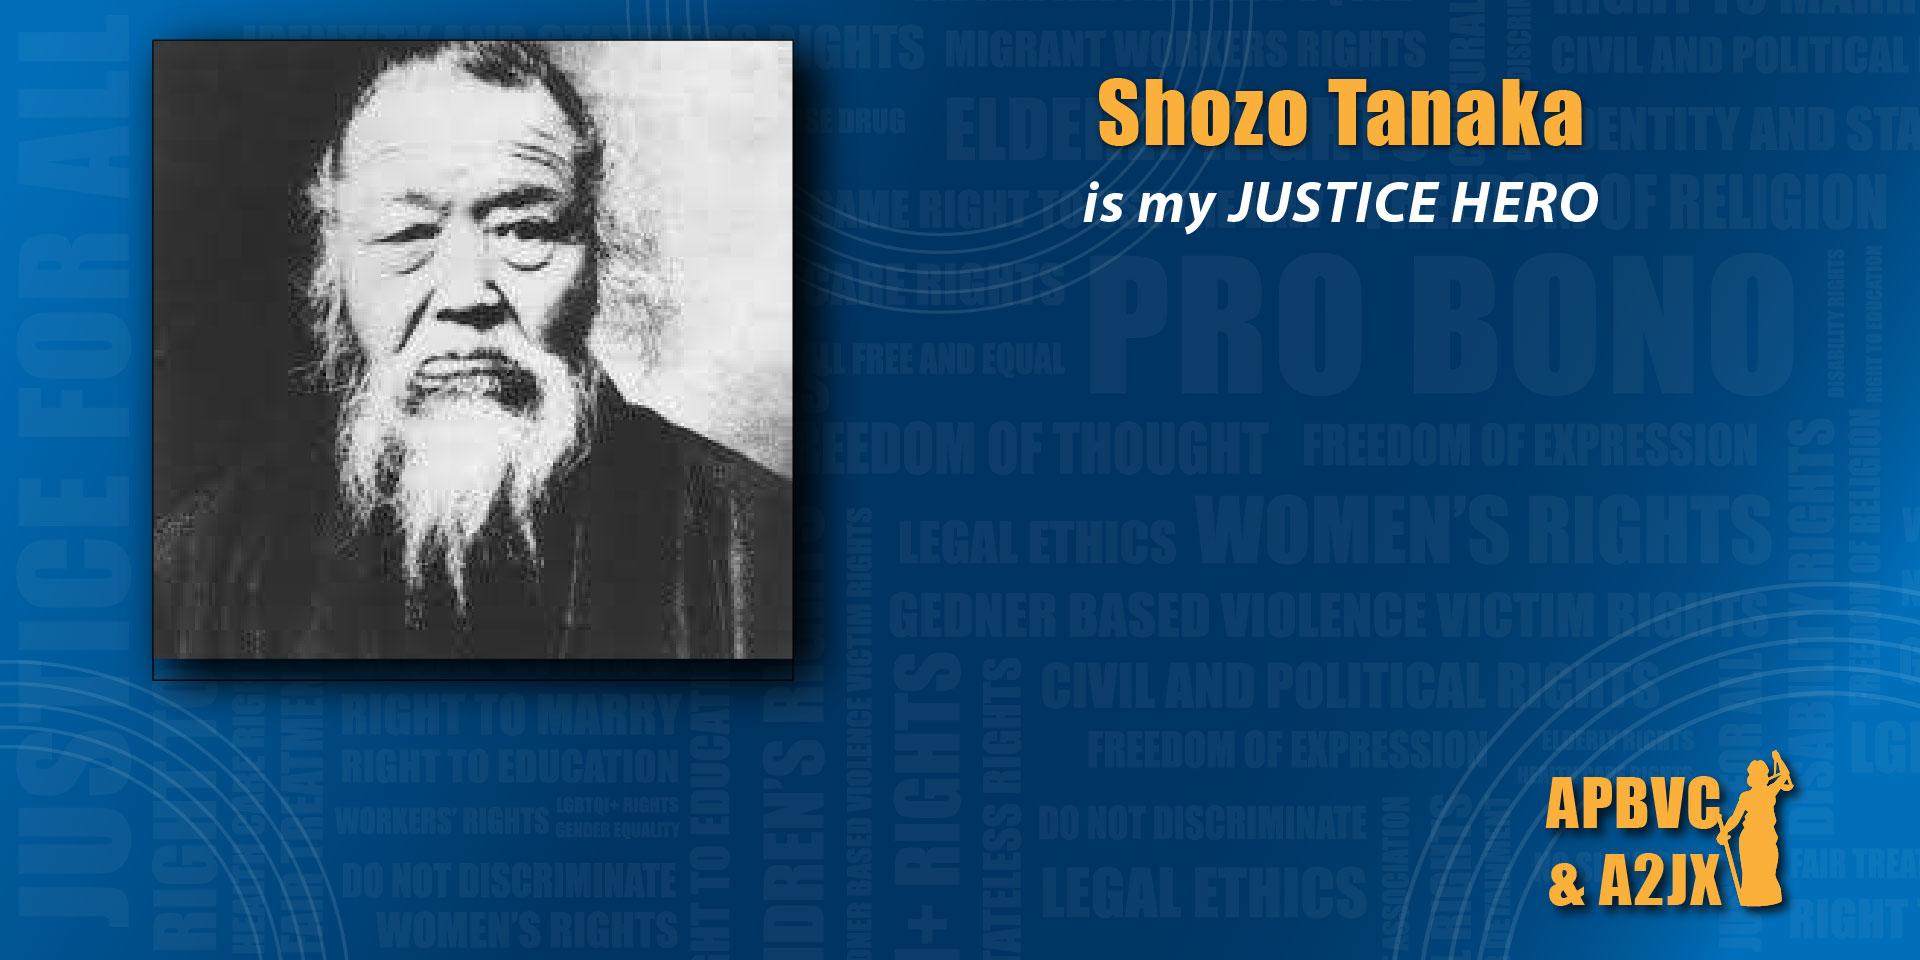 Shozo Tanaka